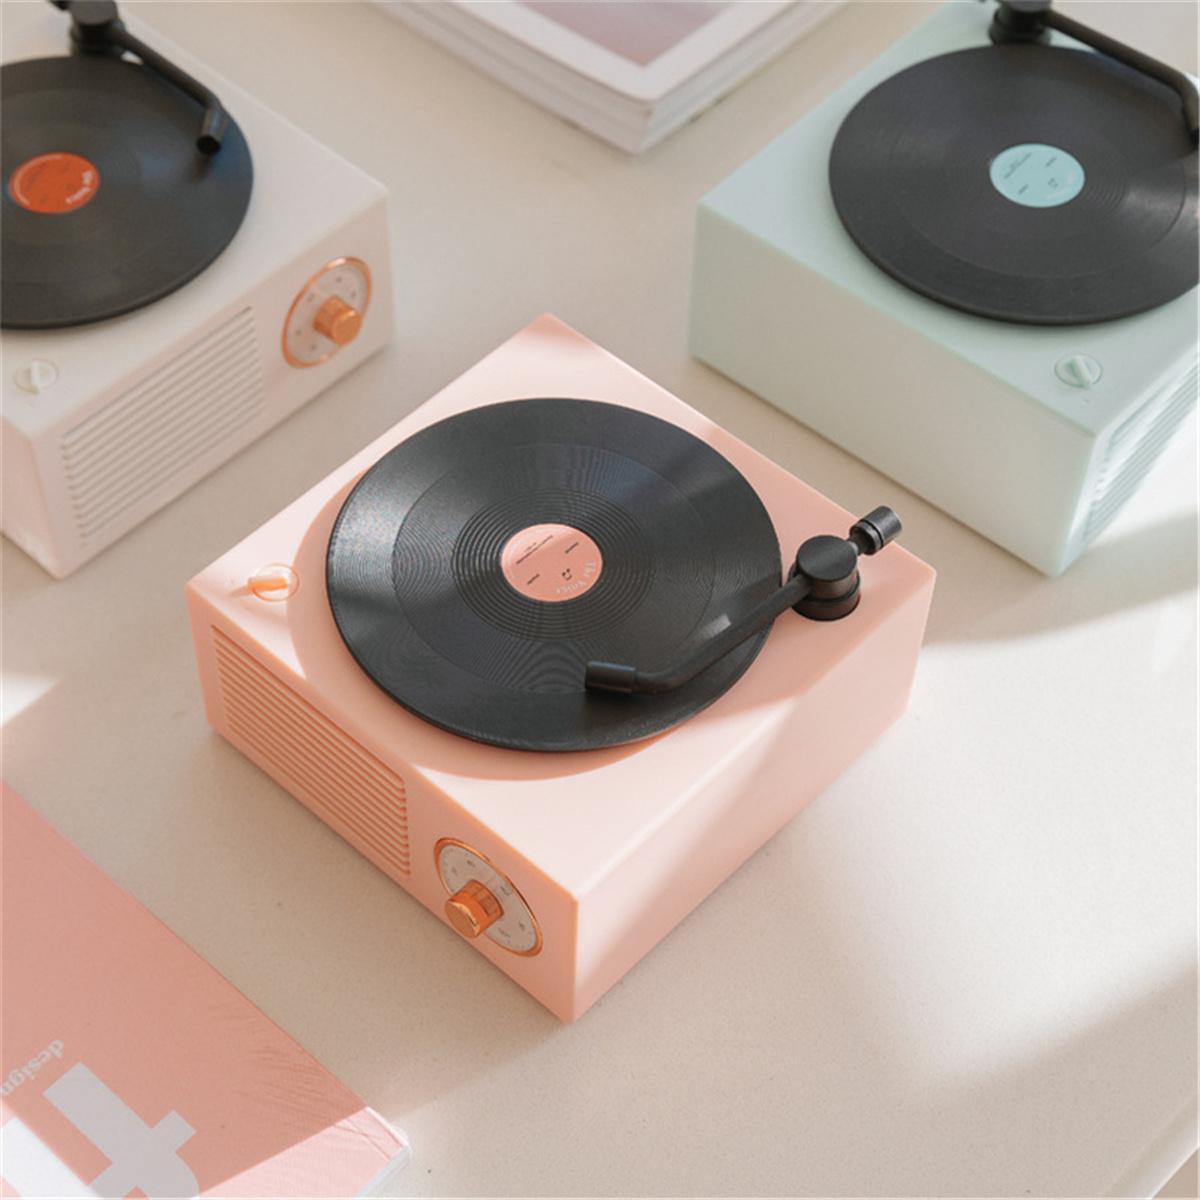 2021 최신 LP 레코드 휴대용 X10 블루투스 스피커 무선 블루투스 스피커 고품질 스피커